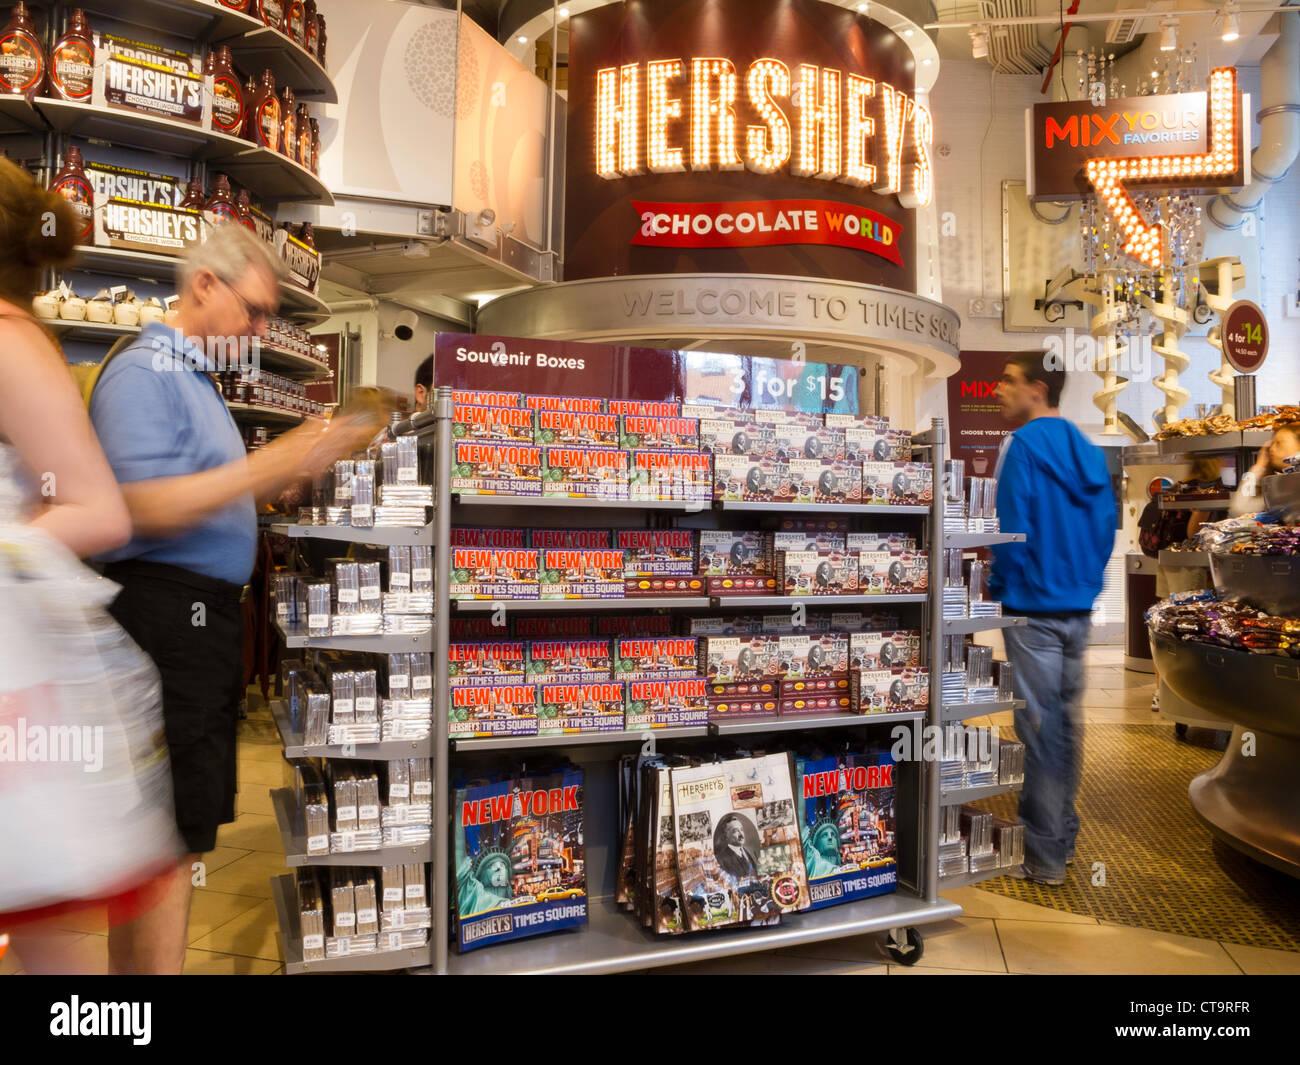 Hersheys Chocolate World Store Stock Photos & Hersheys Chocolate ...